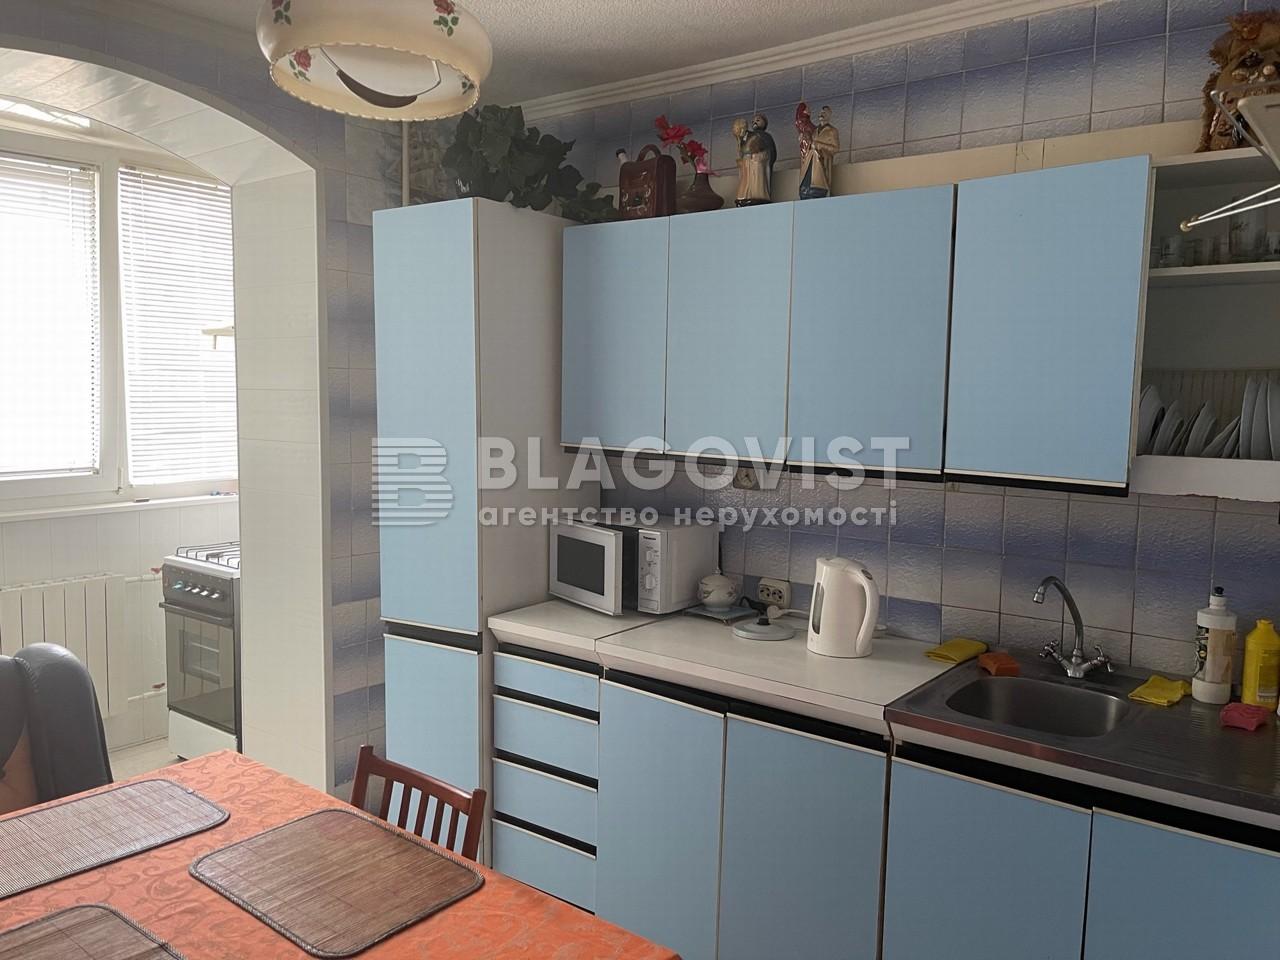 Квартира R-37882, Маяковского Владимира просп., 65, Киев - Фото 12